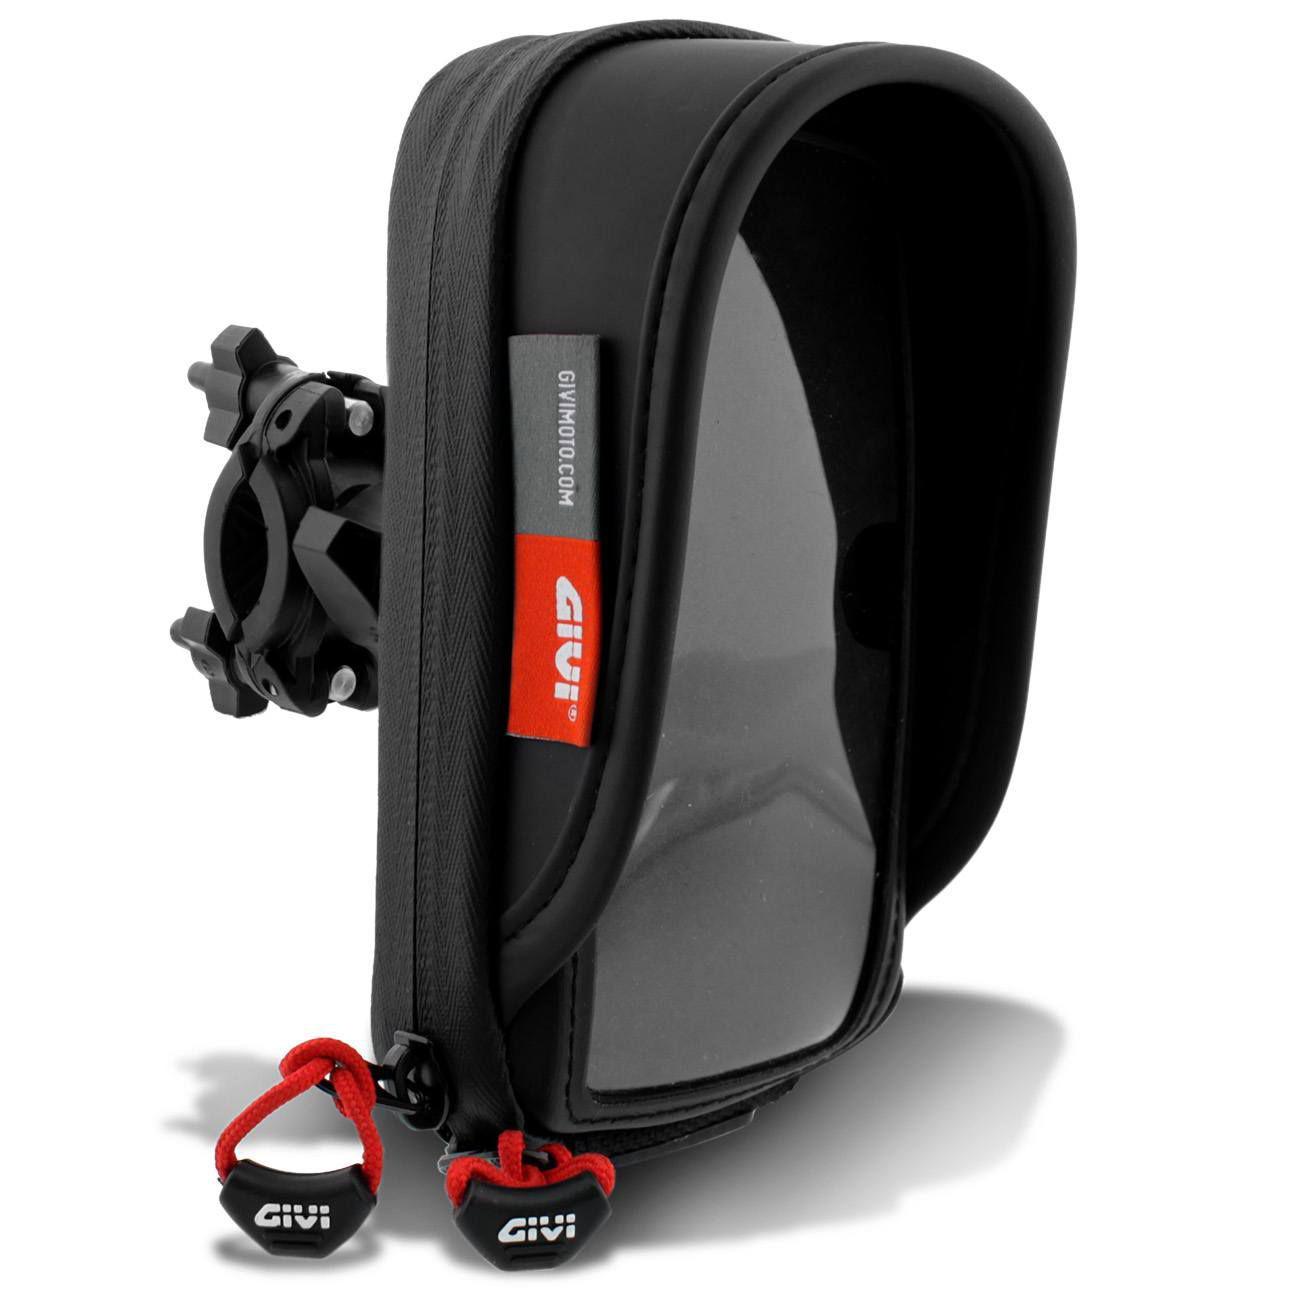 """Suporte Celular Givi S956BBR 5"""" Smartphone GPS Moto Universal Bike Scooter  Quadriciclo + Capa Chuva Produto não disponível b825f7a5c3ba8"""